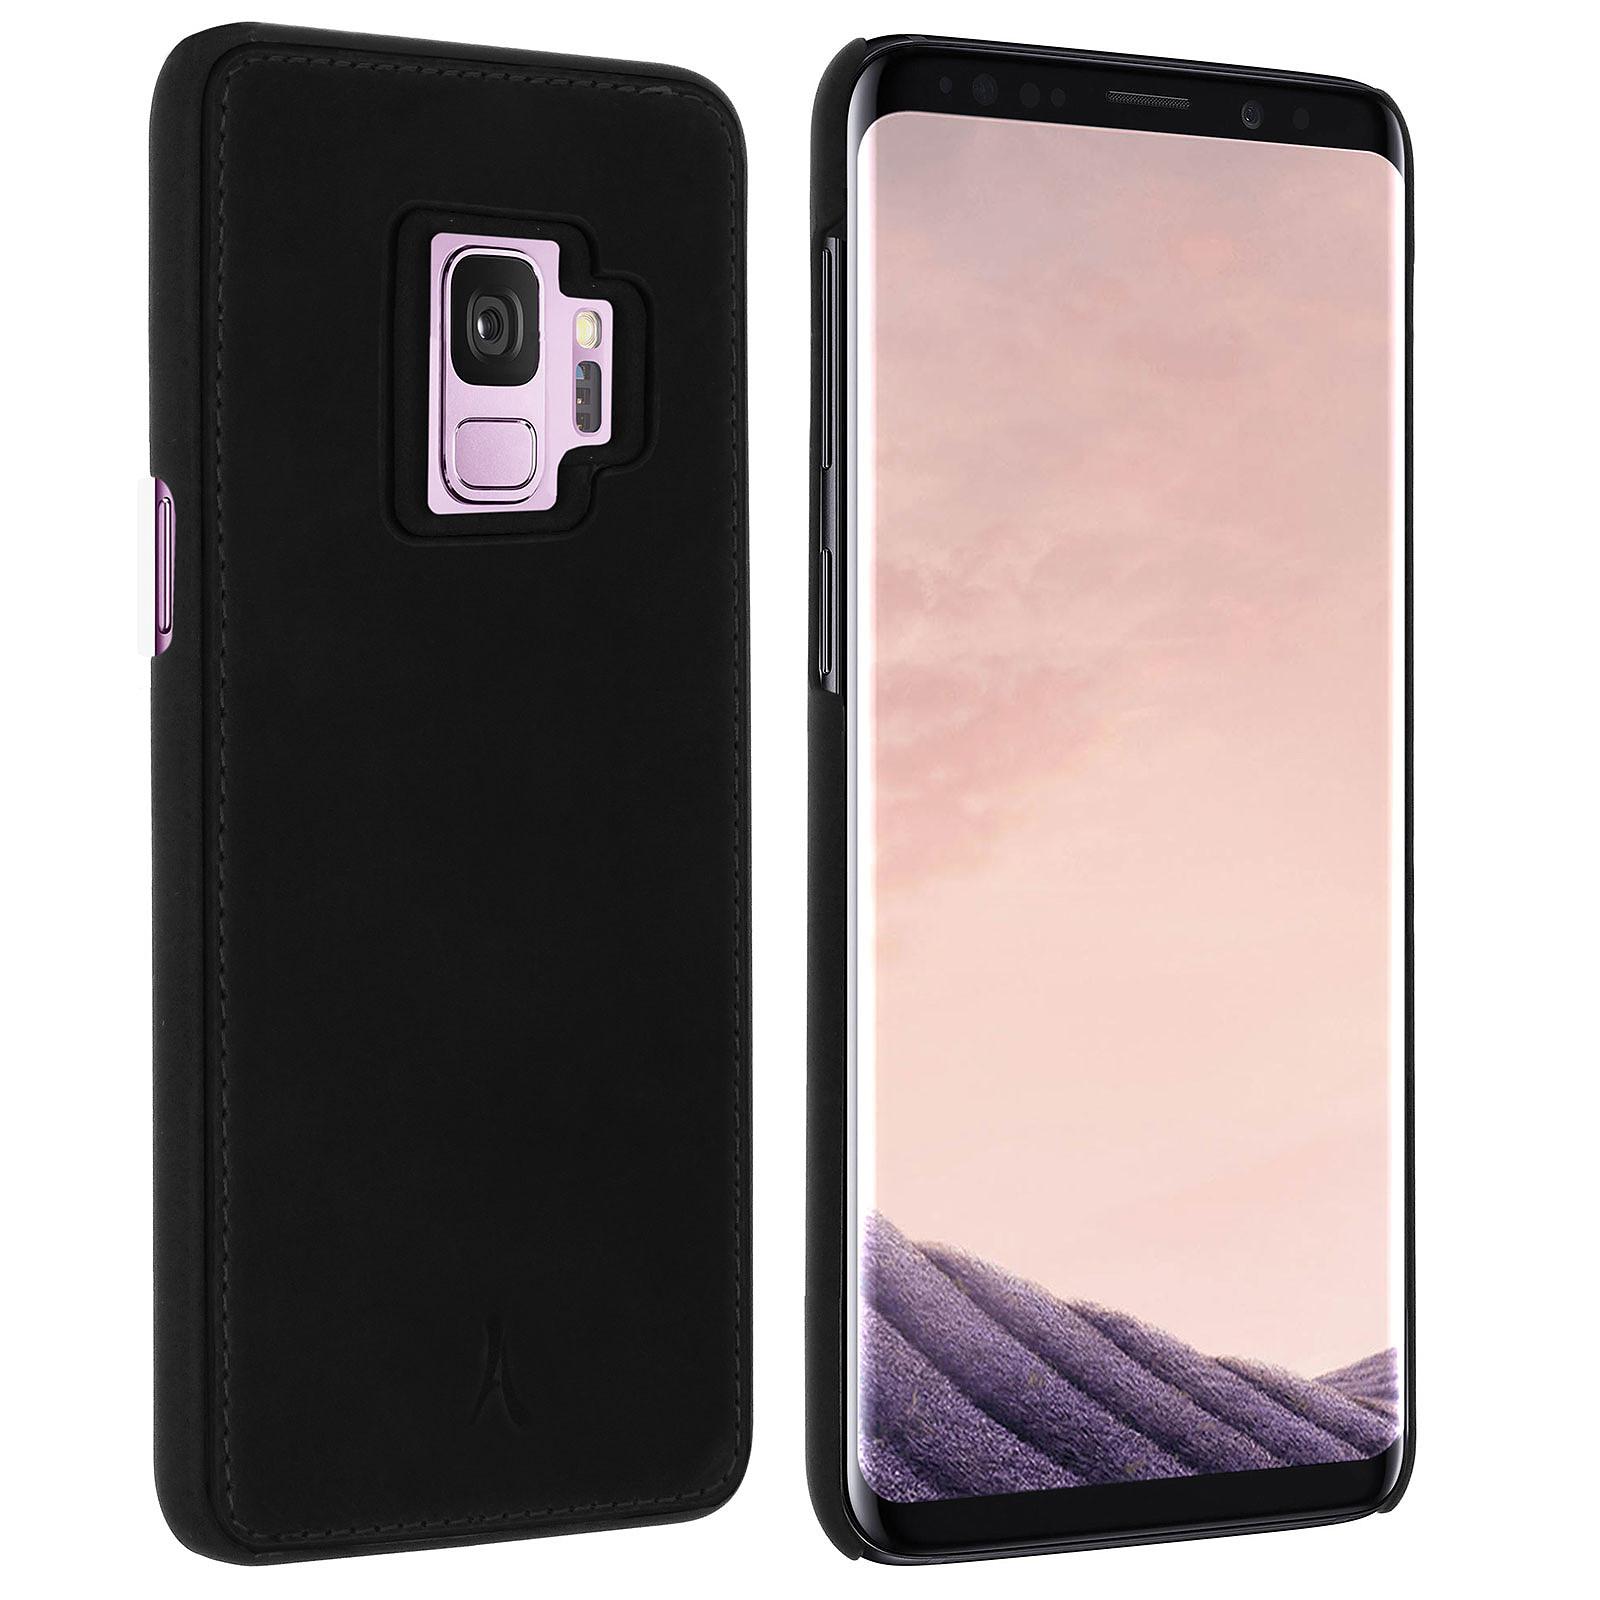 Akashi Coque Cuir Italien Noir Galaxy S9